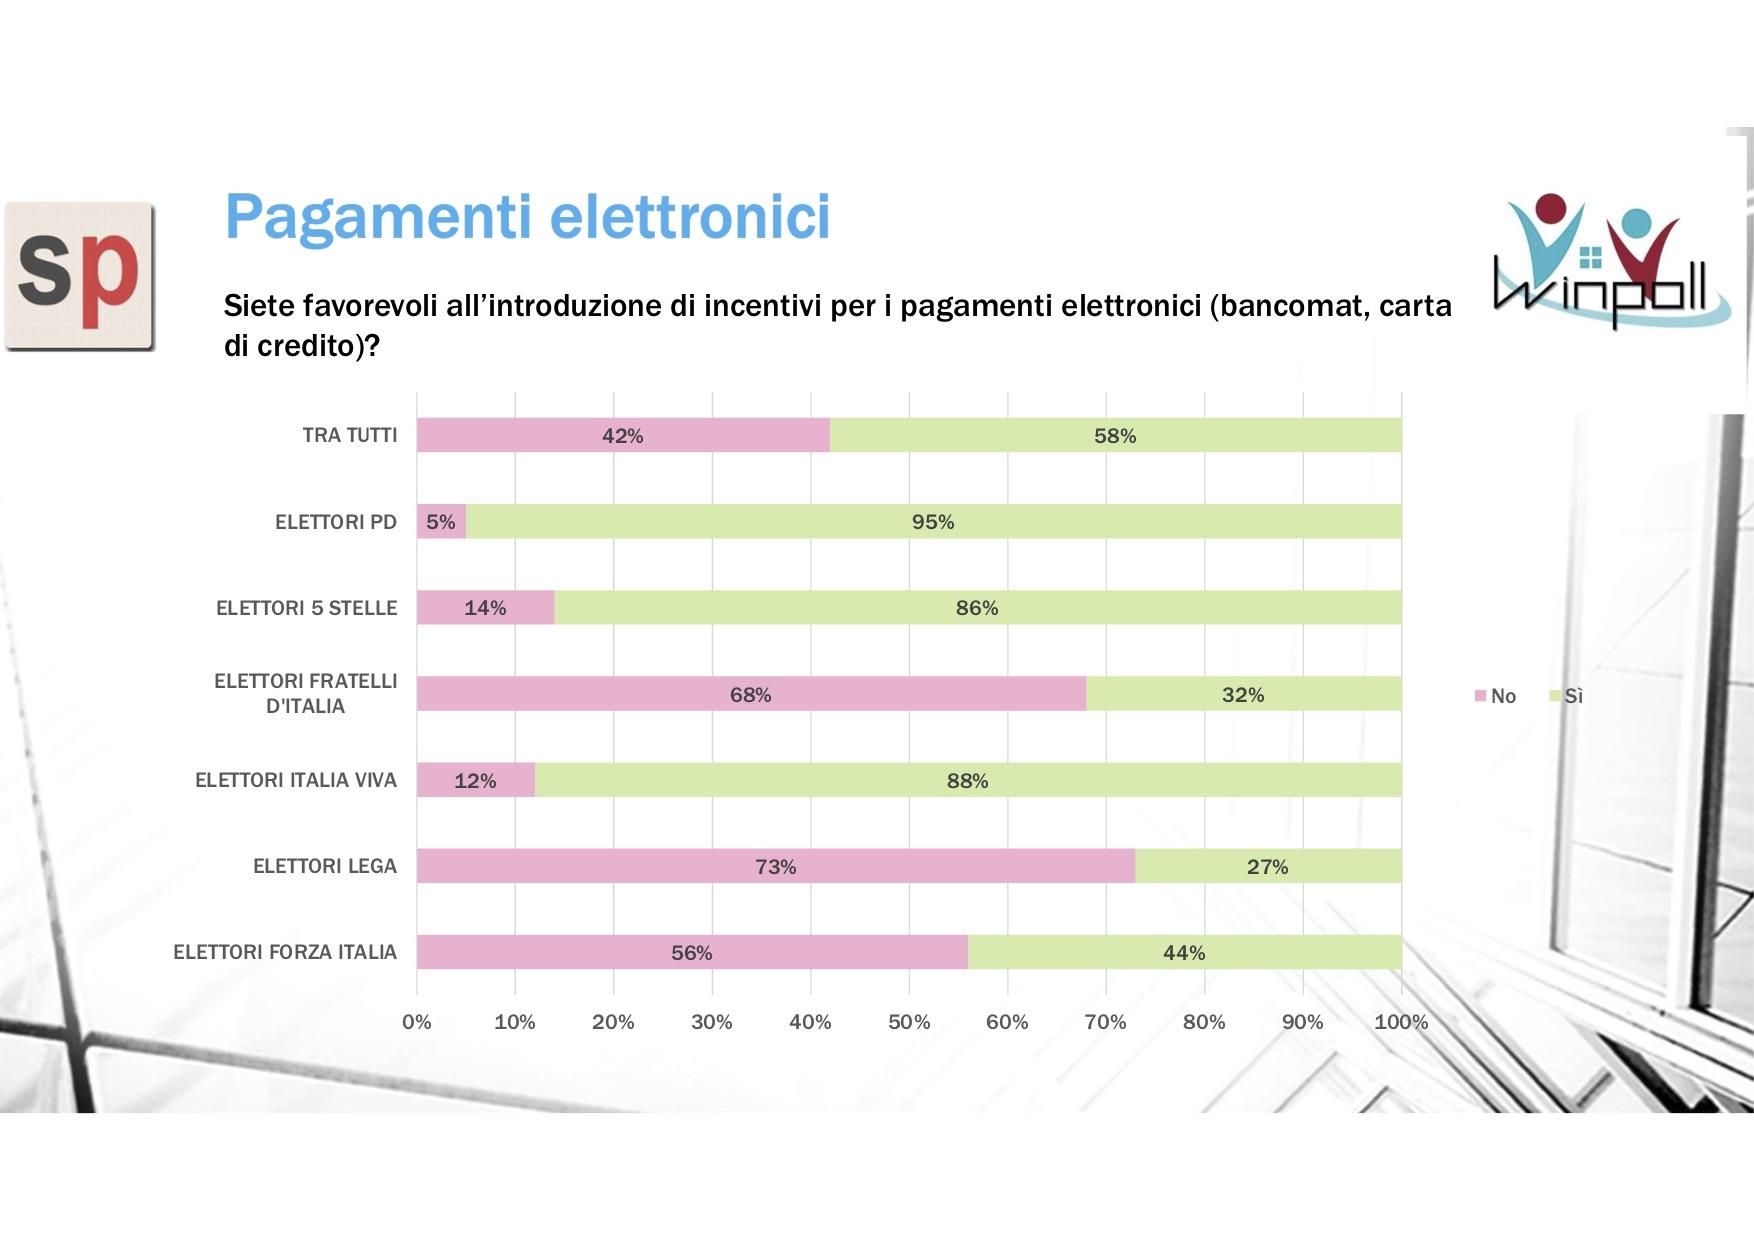 sondaggi politici winpoll, pagamenti elettronici